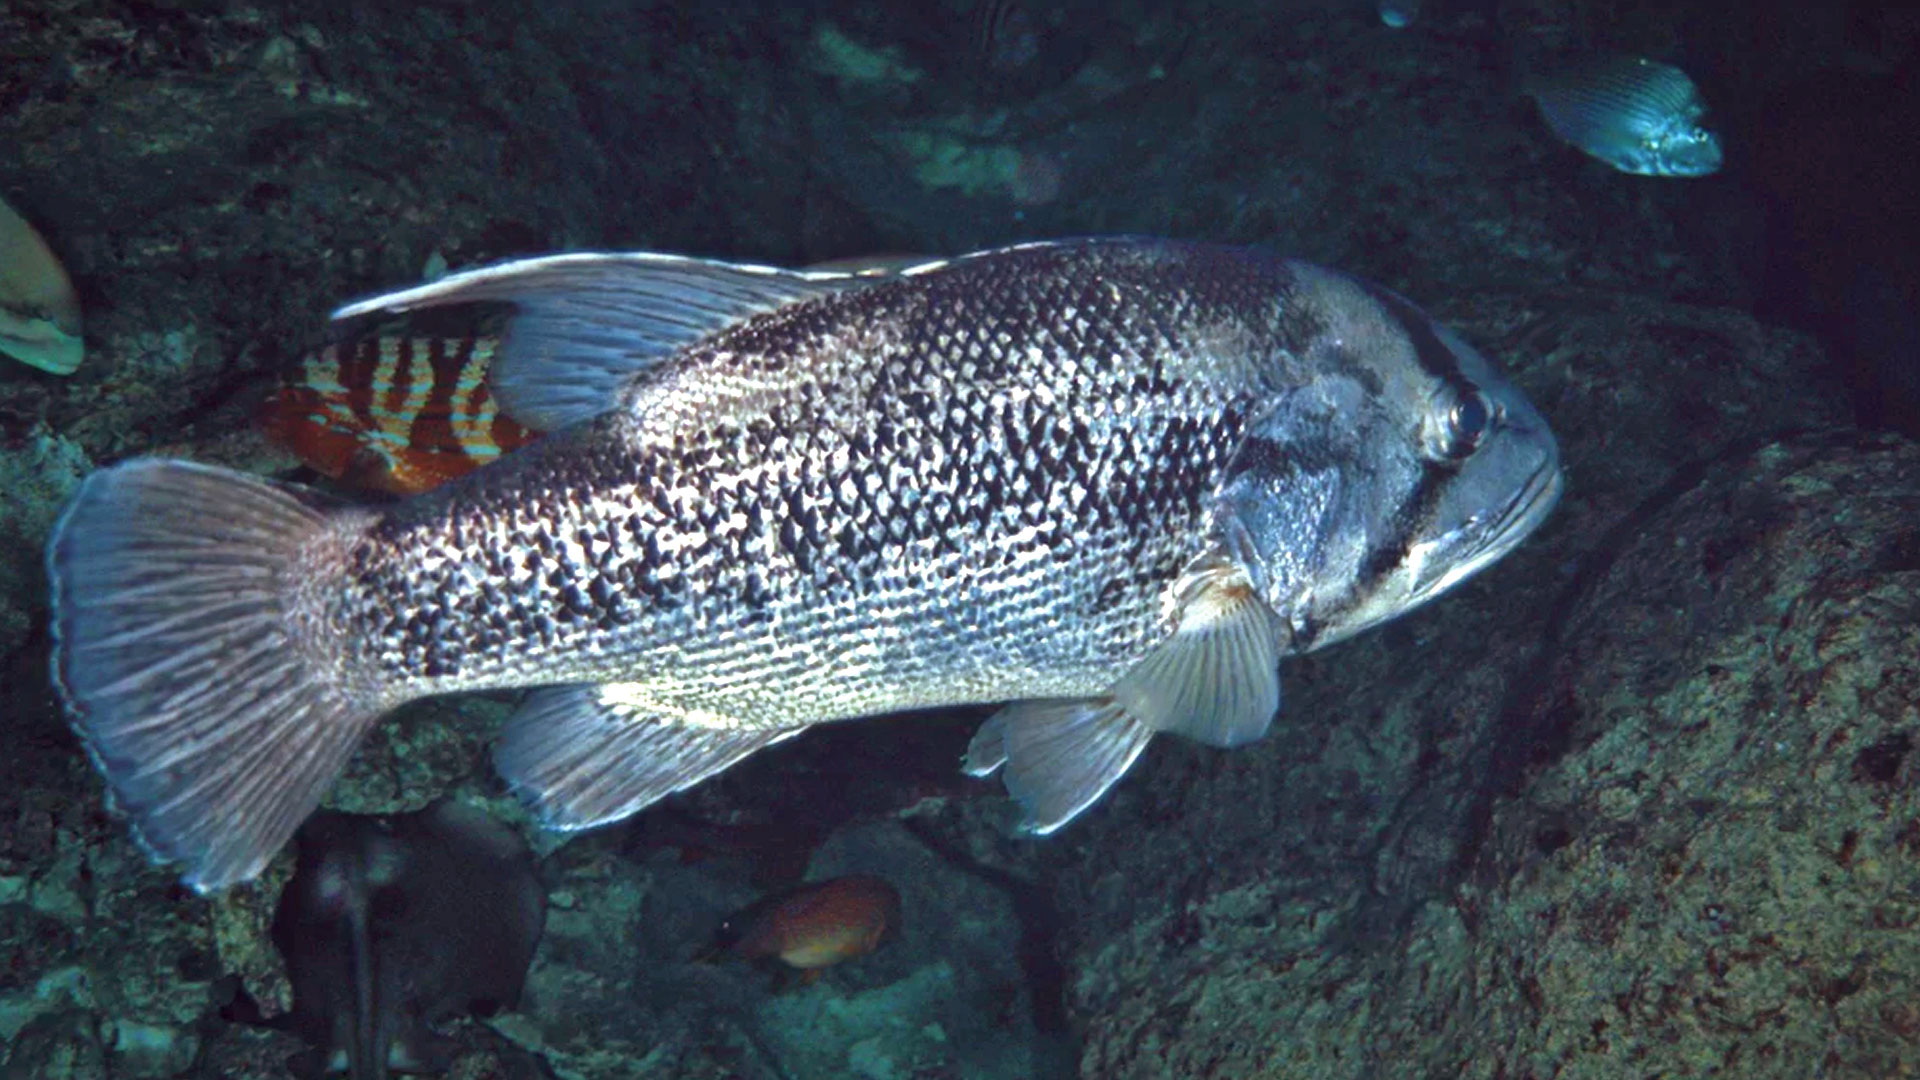 West Australian Dhufish Underwater